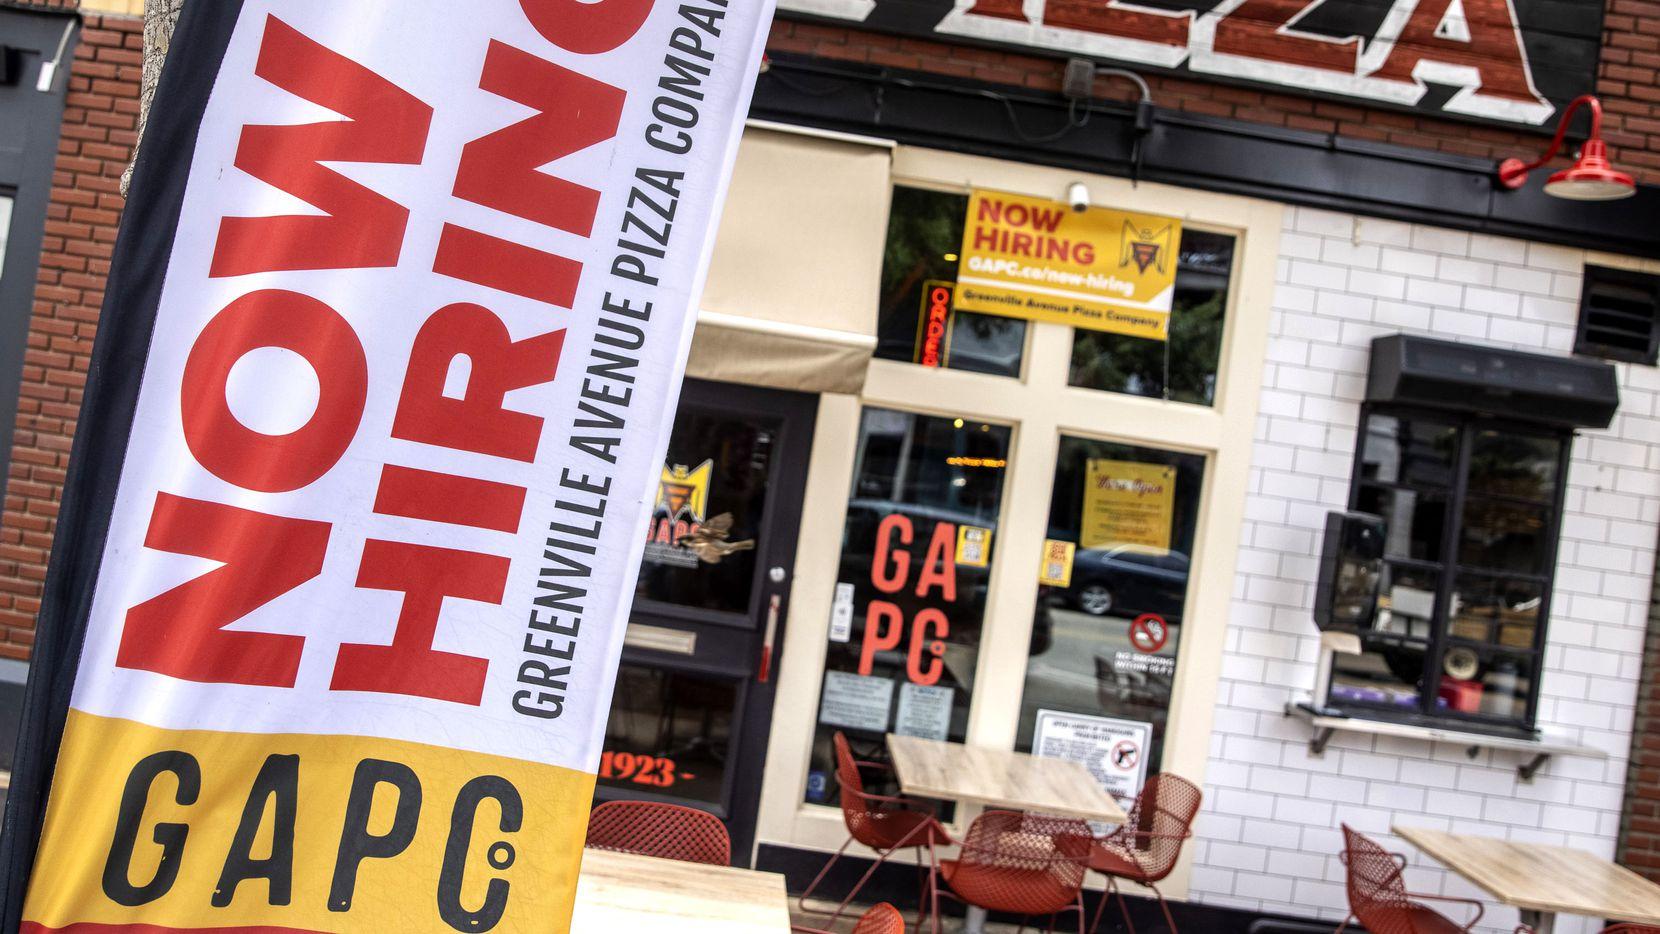 En todo el área de Dallas hay letreros anunciando vacantes. En Greenville Pizza Company ofrecen $200 para aquellos que lleven seis semanas de empleo.